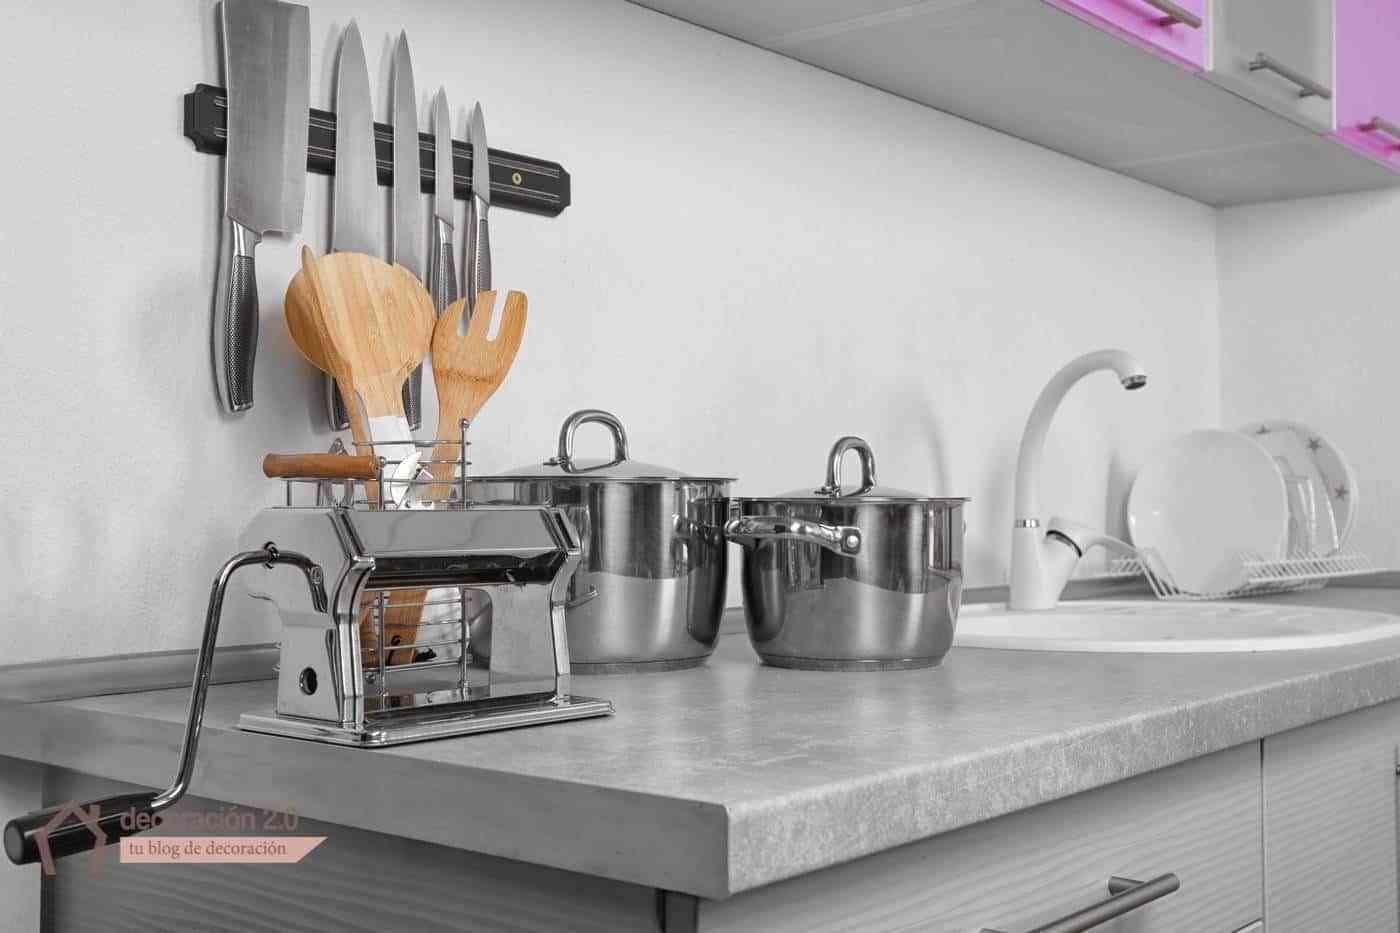 Fregaderos, tipos y tendencias para tu cocina ideal